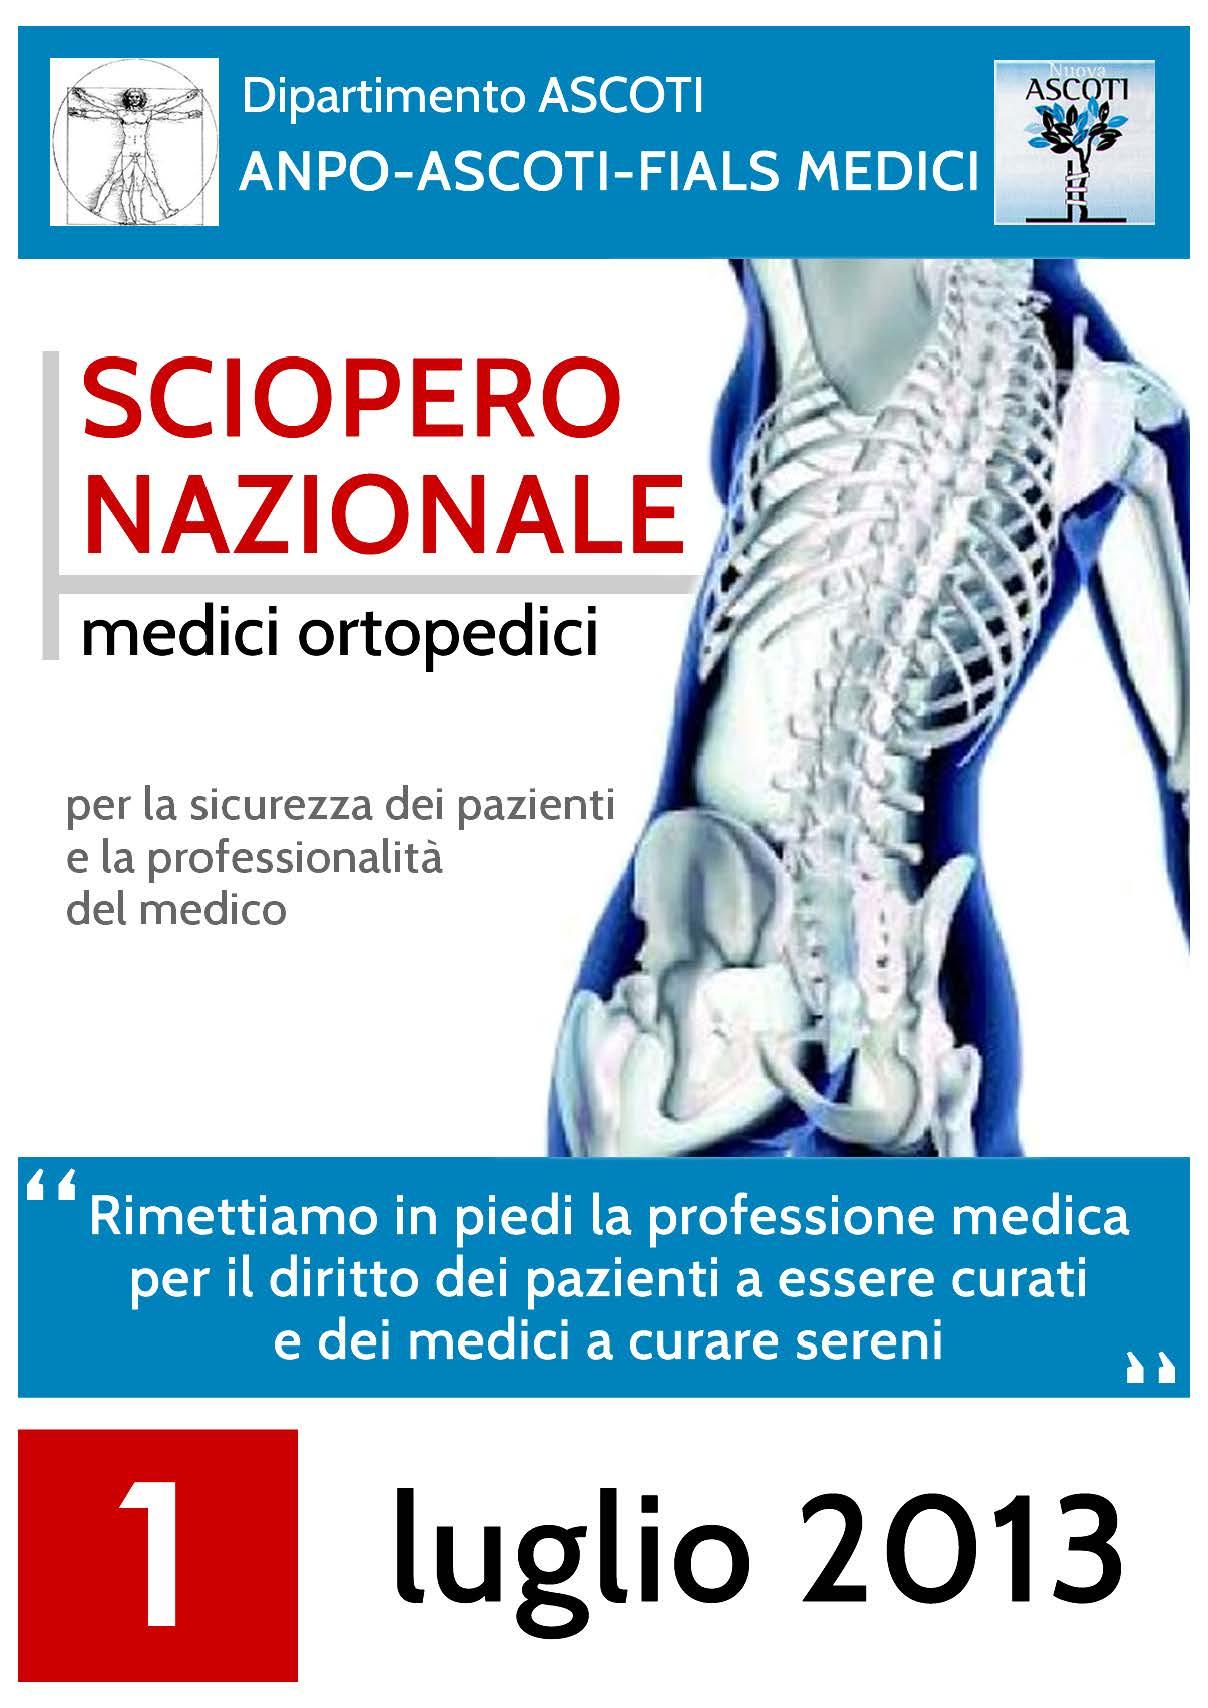 www.siot.it/documenti/altro/locandina_sciopero_1_luglio_2013.pdf